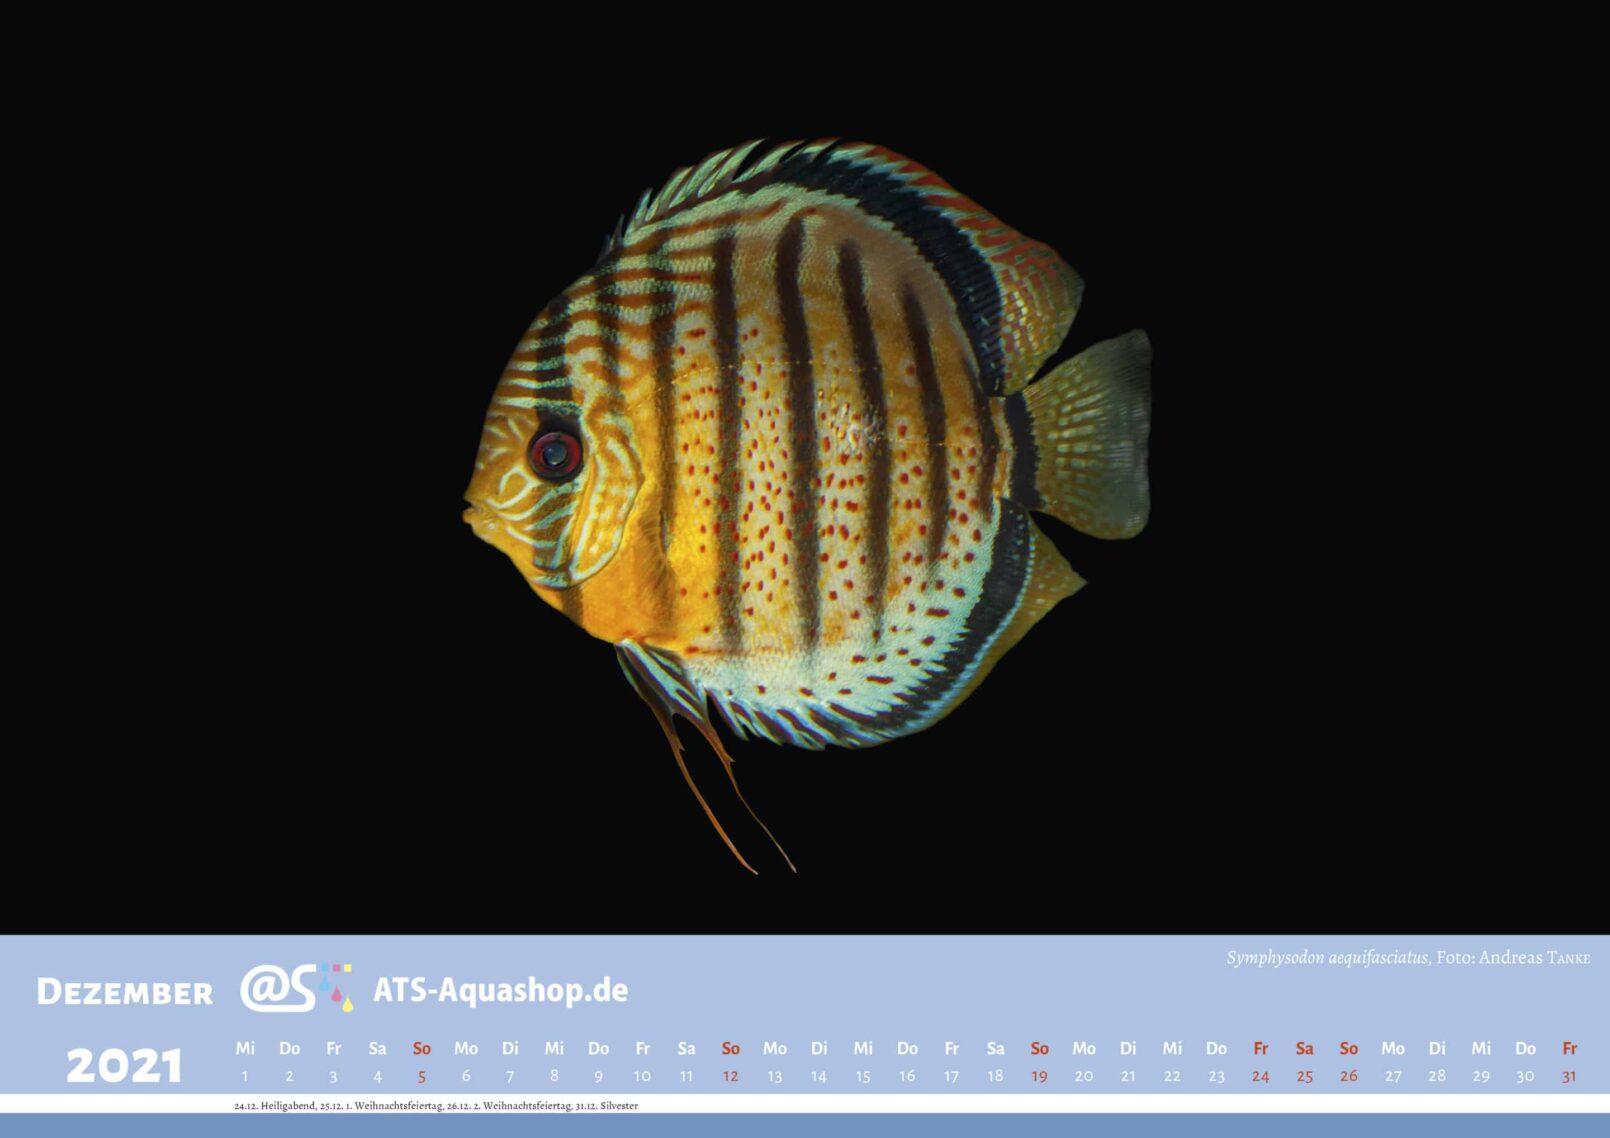 ATS-Aquashop Foto Jahreskalender 2021 DIN A3 (Dezember): Symphysodon aequifasciatus